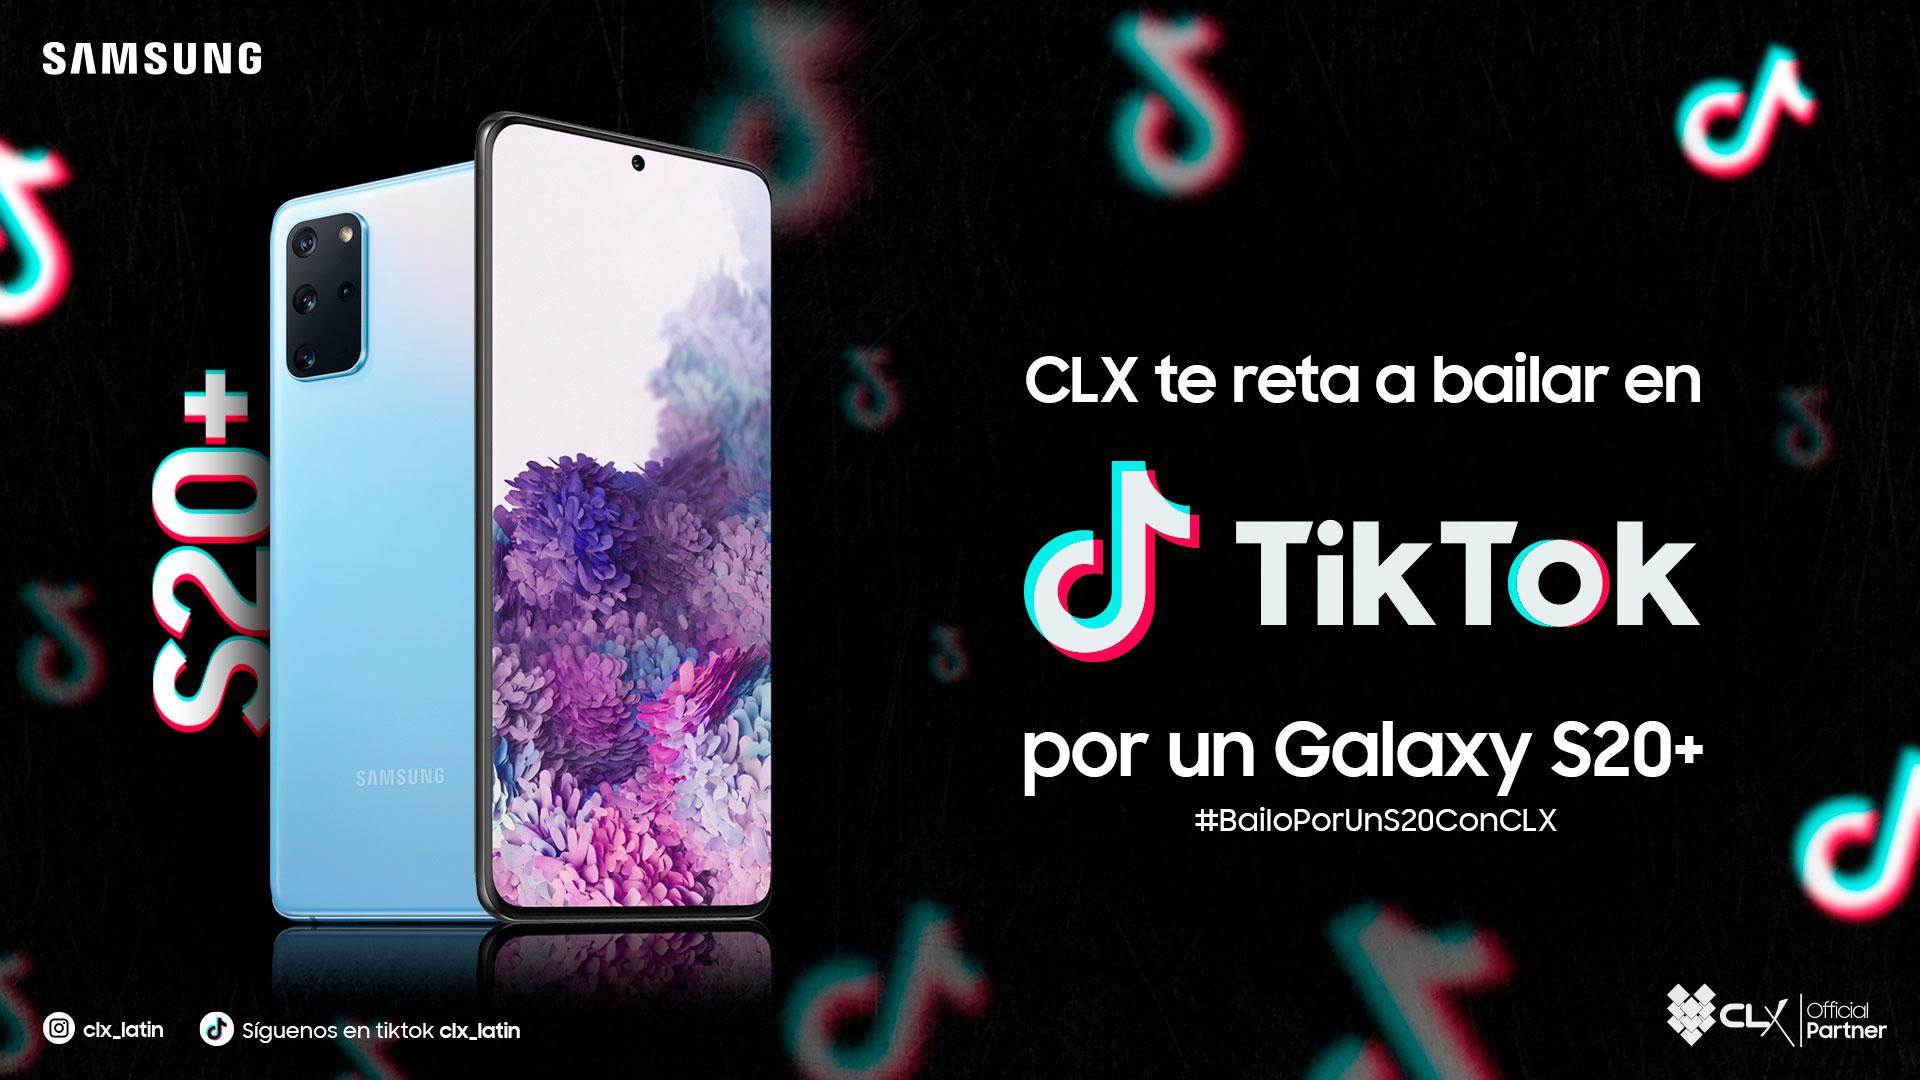 reto de CLX Samsung